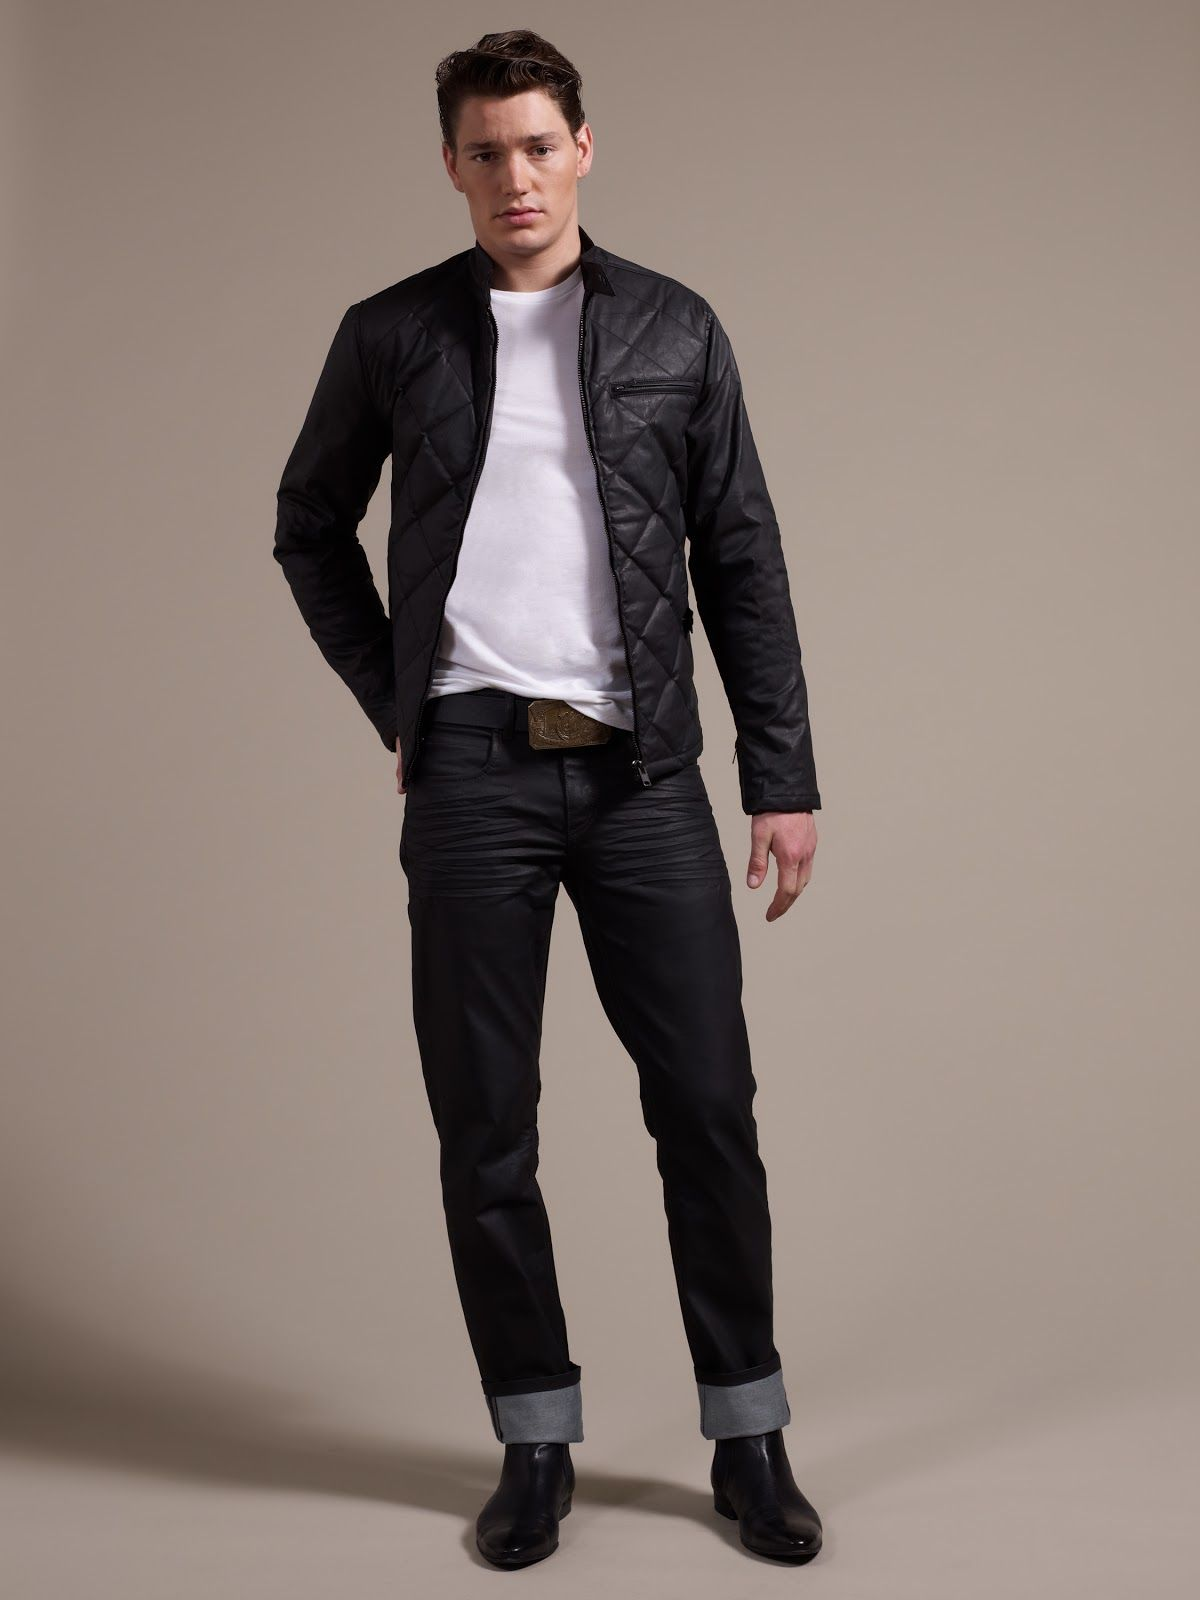 How to dress like 1950s man fashion